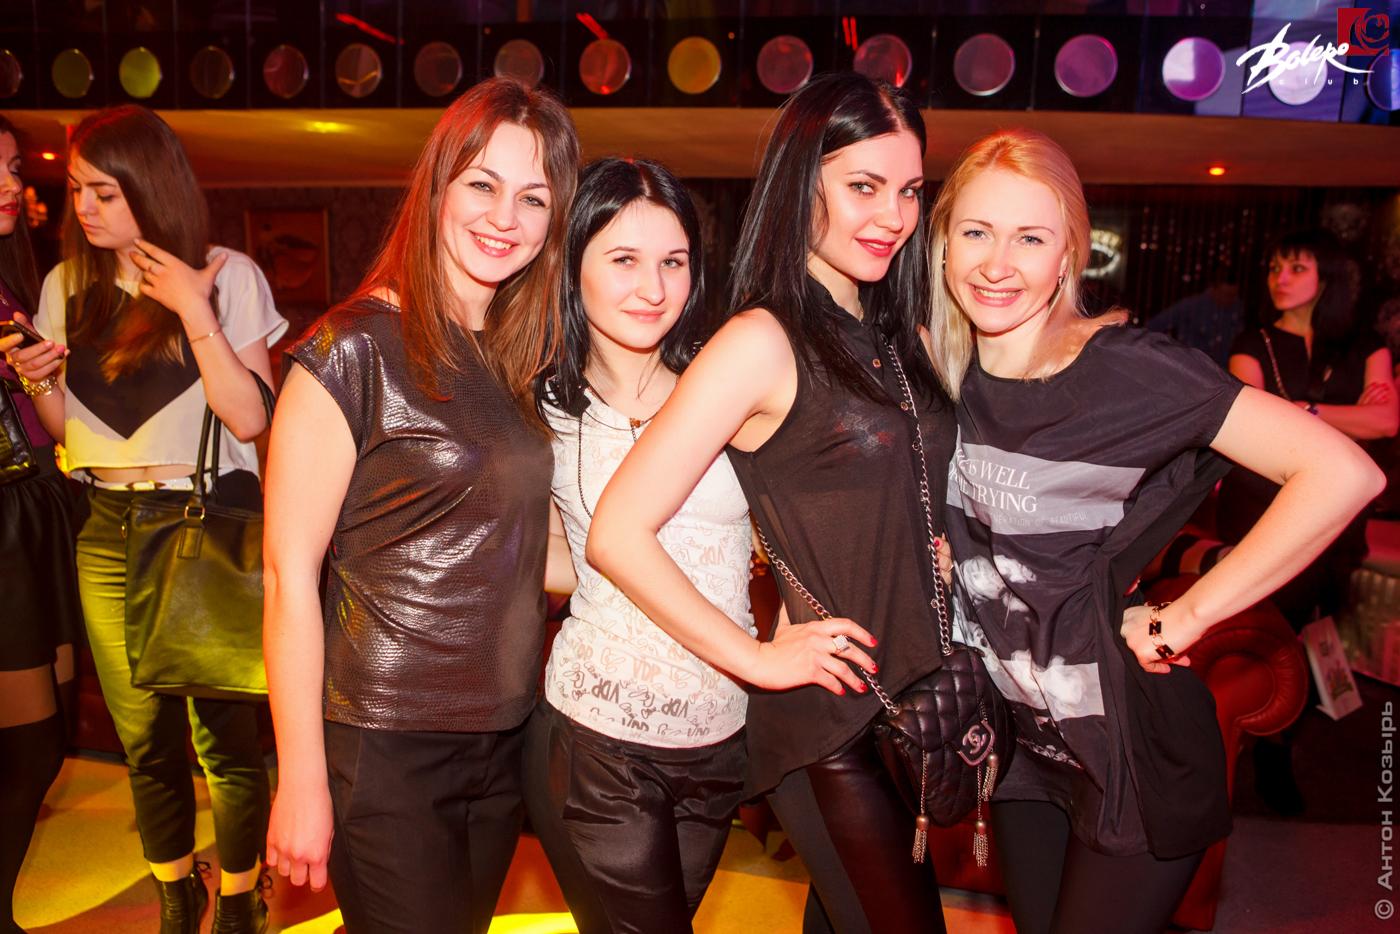 Ночные клубы только для женщин свингер клуб москва закрытый